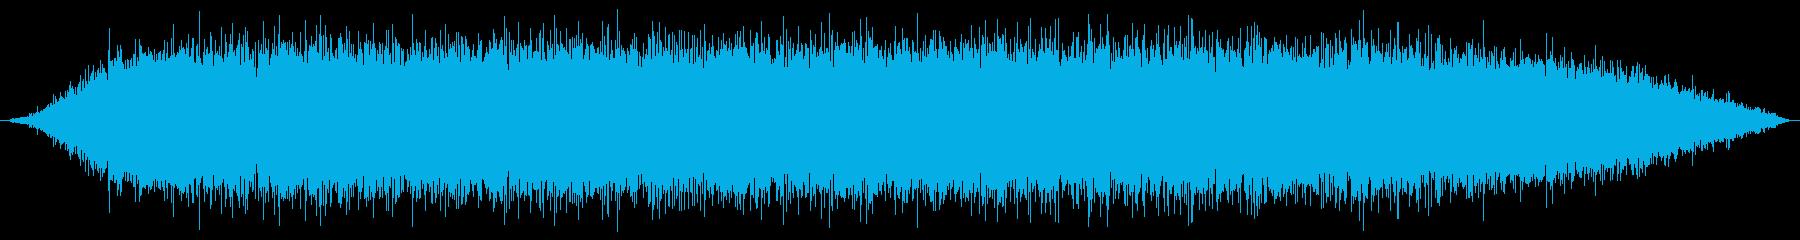 ドライヤー(ターボ)の再生済みの波形